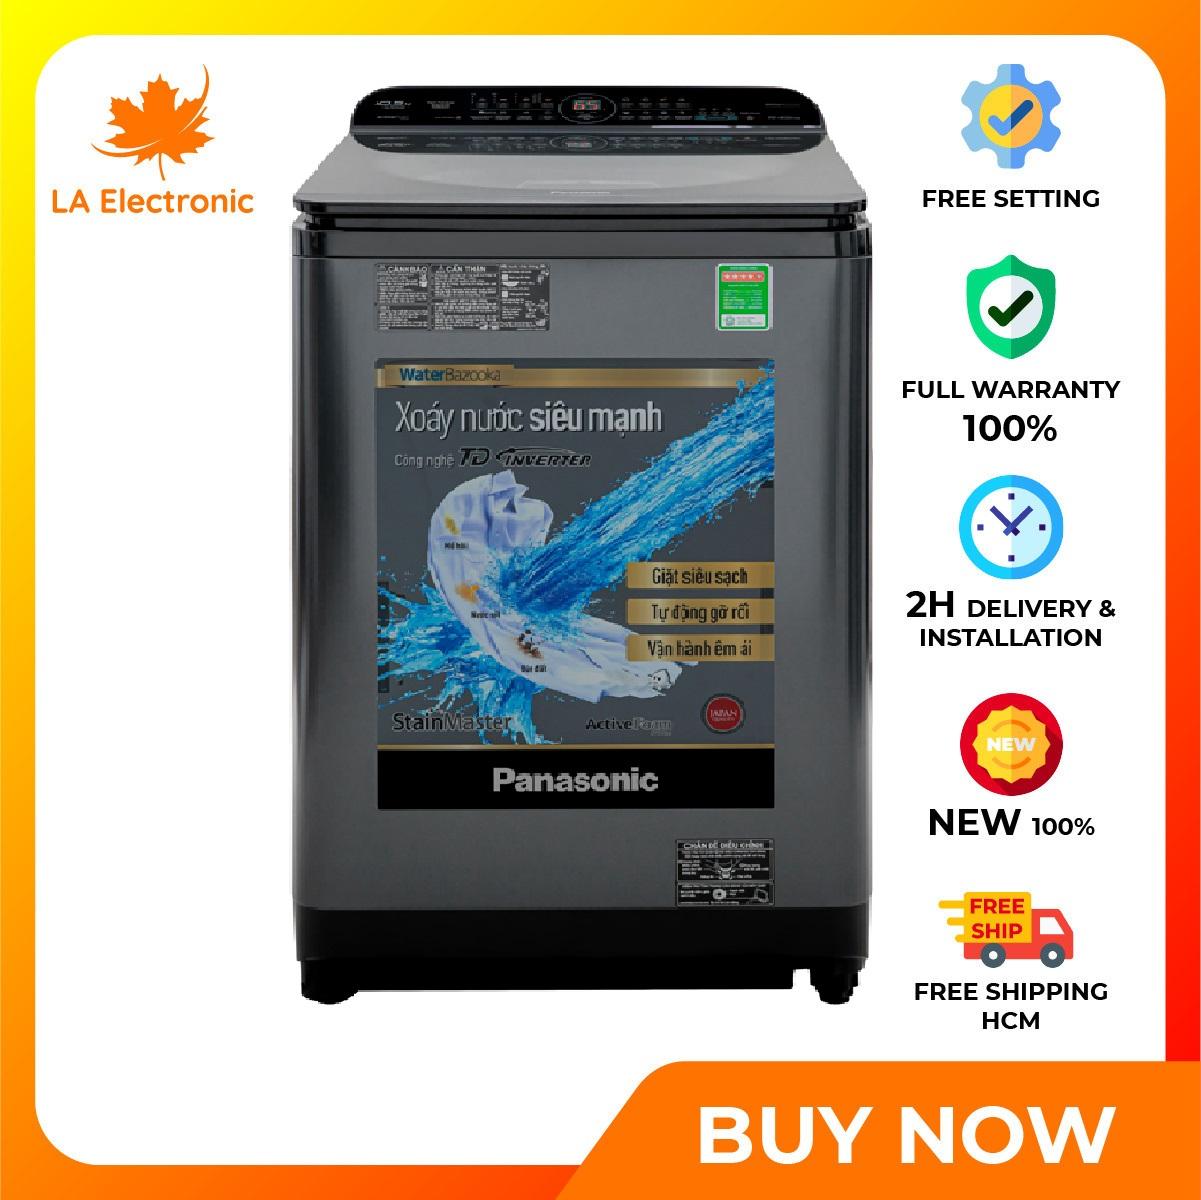 Trả Góp 0% - Máy giặt Panasonic Inverter 10.5 Kg NA-FD10AR1BV - Miễn phí vận chuyển HCM